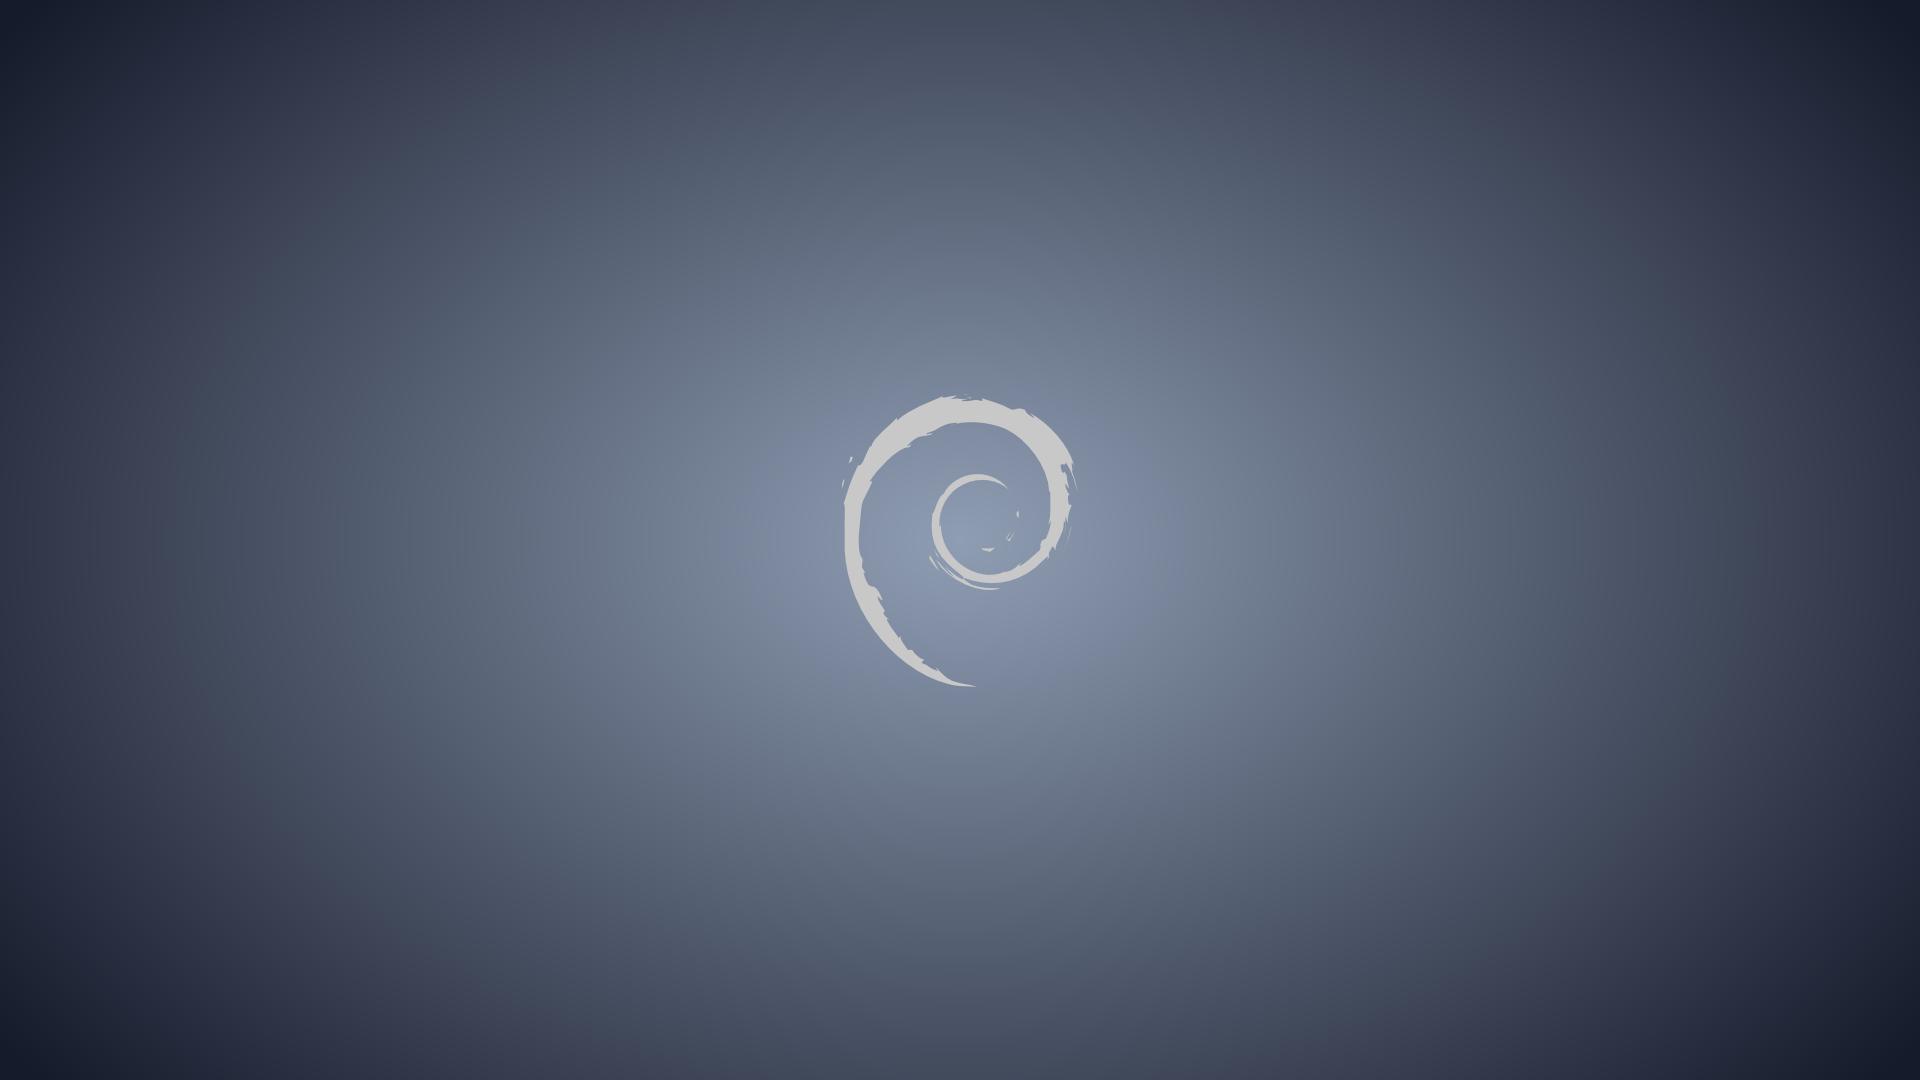 Debian Logo - Adau_-_Joy_1920x1080